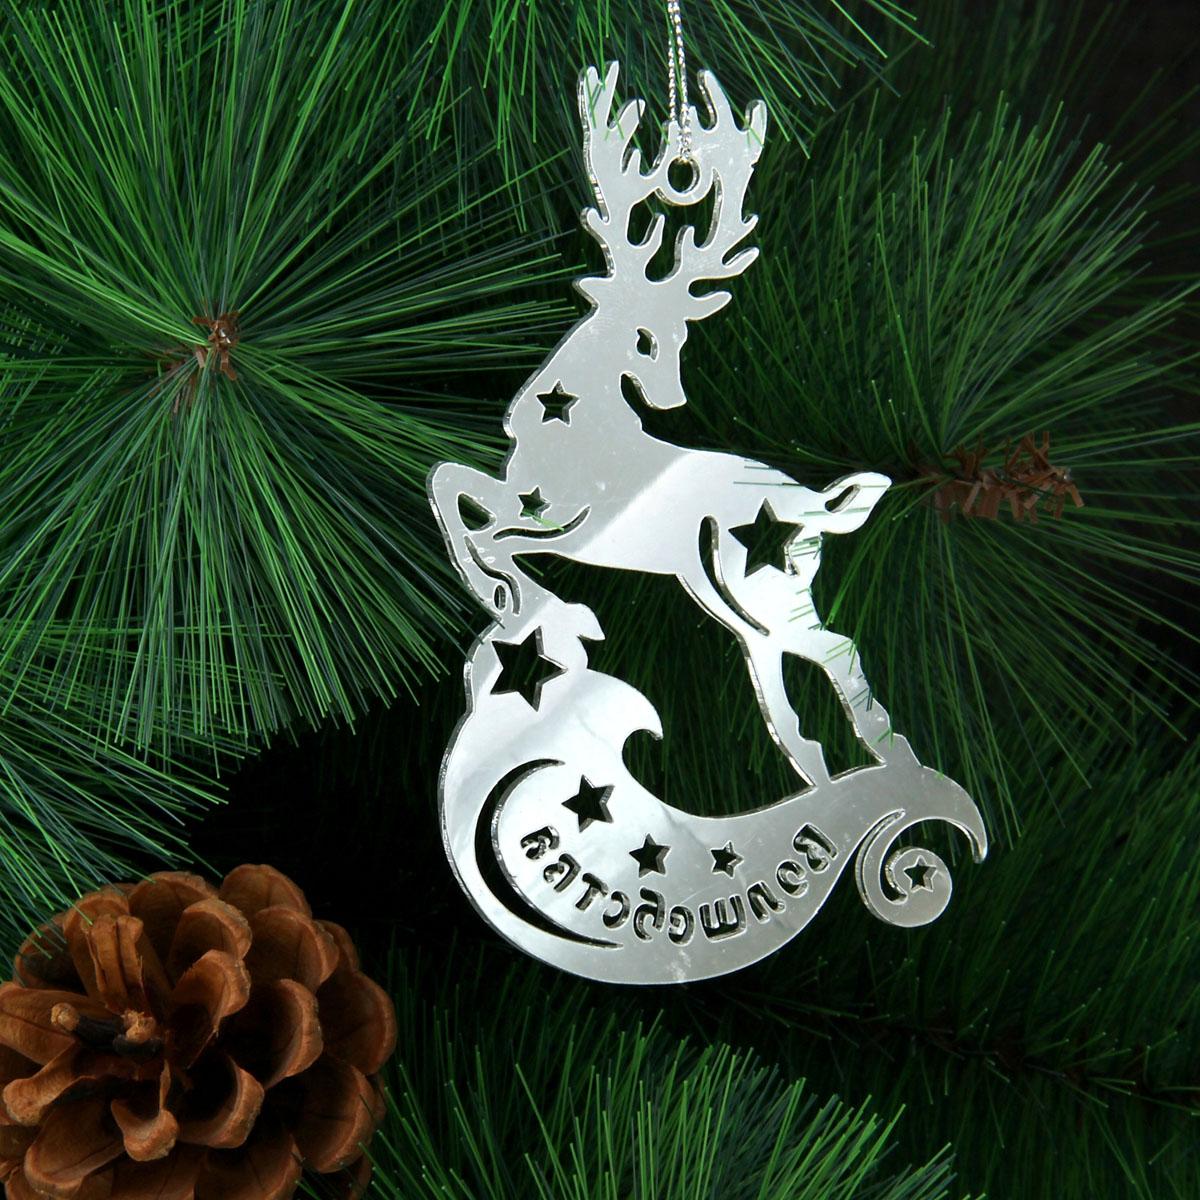 Новогоднее подвесное украшение Sima-land Волшебства, цвет: серебристый185492Новогоднее украшение Sima-land Волшебства отлично подойдет для декорации вашего дома и новогодней ели. Игрушка выполнена из акрила в виде северного оленя, декорированного изображением звезд. Украшение оснащено зеркальной поверхностью и специальной текстильной петелькой для подвешивания. Елочная игрушка - символ Нового года. Она несет в себе волшебство и красоту праздника. Создайте в своем доме атмосферу веселья и радости, украшая всей семьей новогоднюю елку нарядными игрушками, которые будут из года в год накапливать теплоту воспоминаний. Коллекция декоративных украшений из серии Зимнее волшебство принесет в ваш дом ни с чем не сравнимое ощущение праздника! Материал: акрил, текстиль.